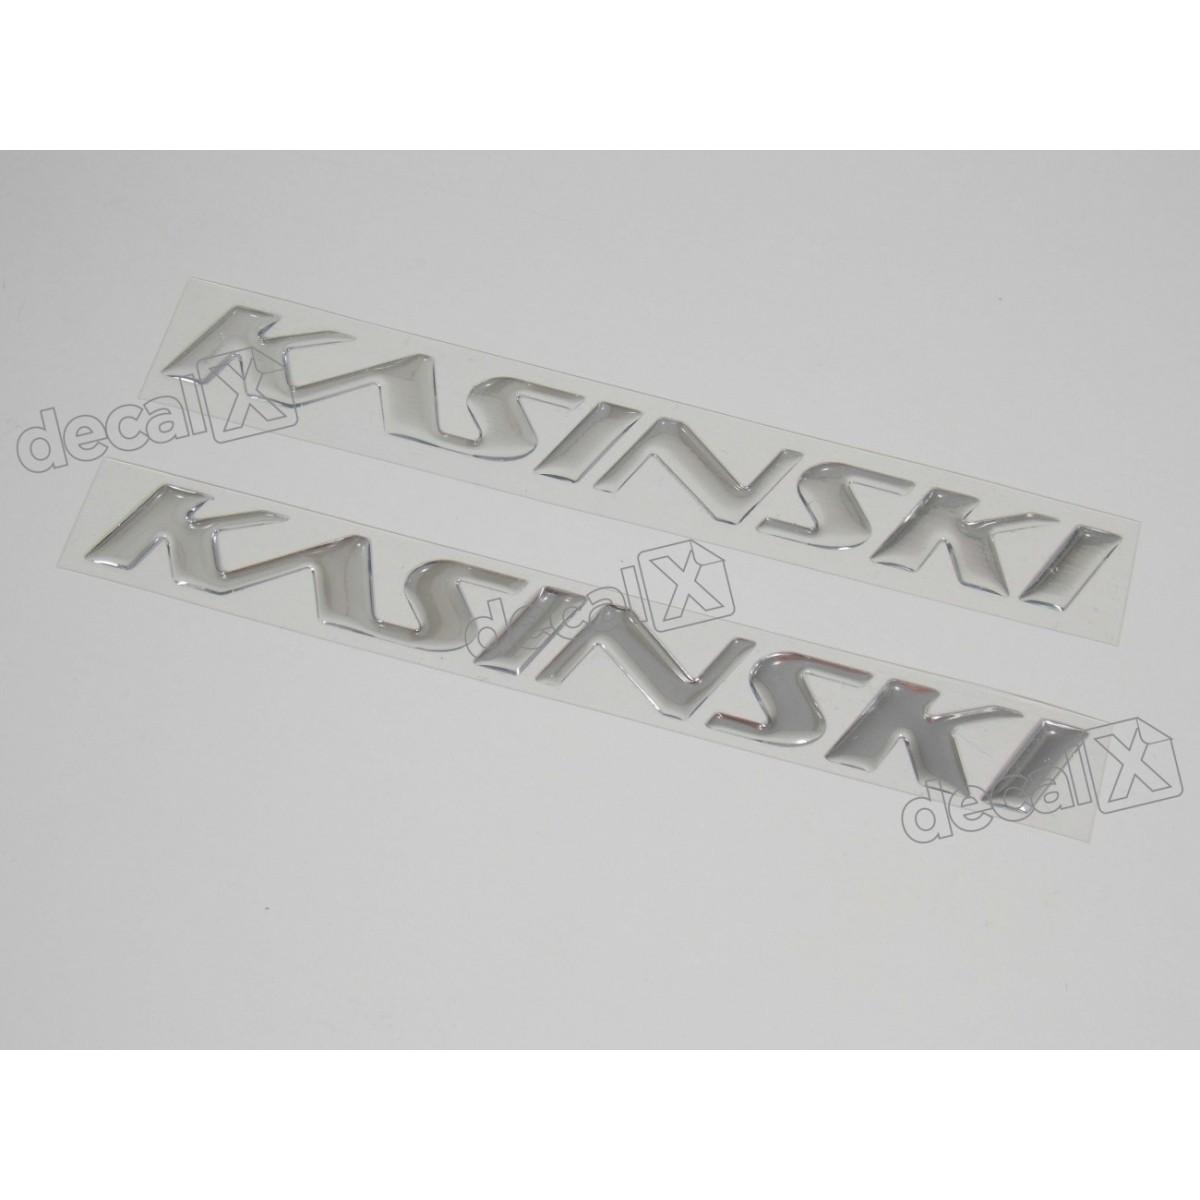 Par Adesivos Kasinski Resinado Cromado 18x1,7 Cms Rs8 Decalx